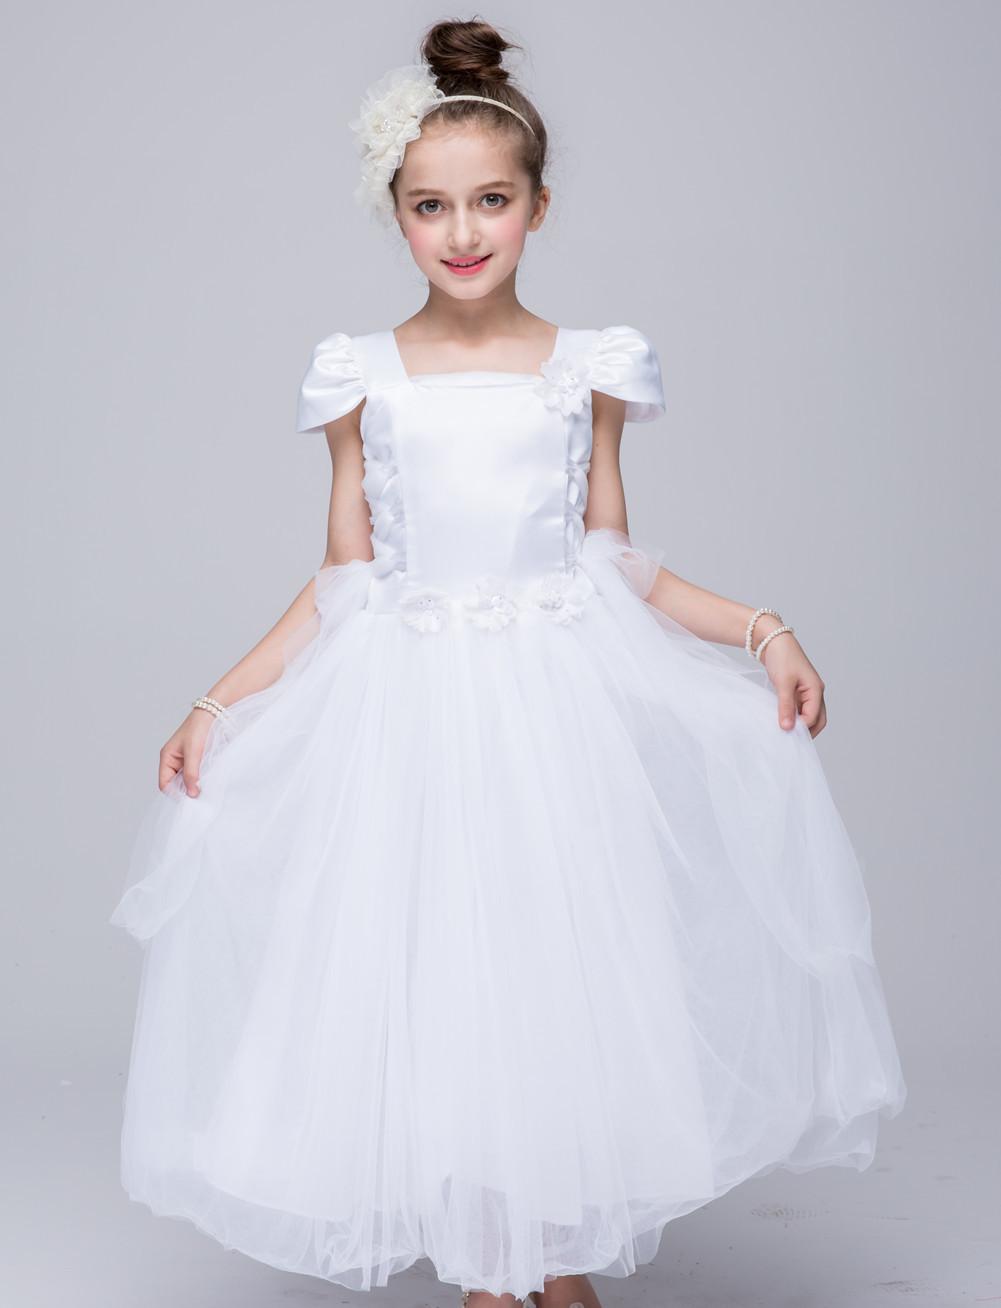 Girls dress long section of high-end wedding dress petals